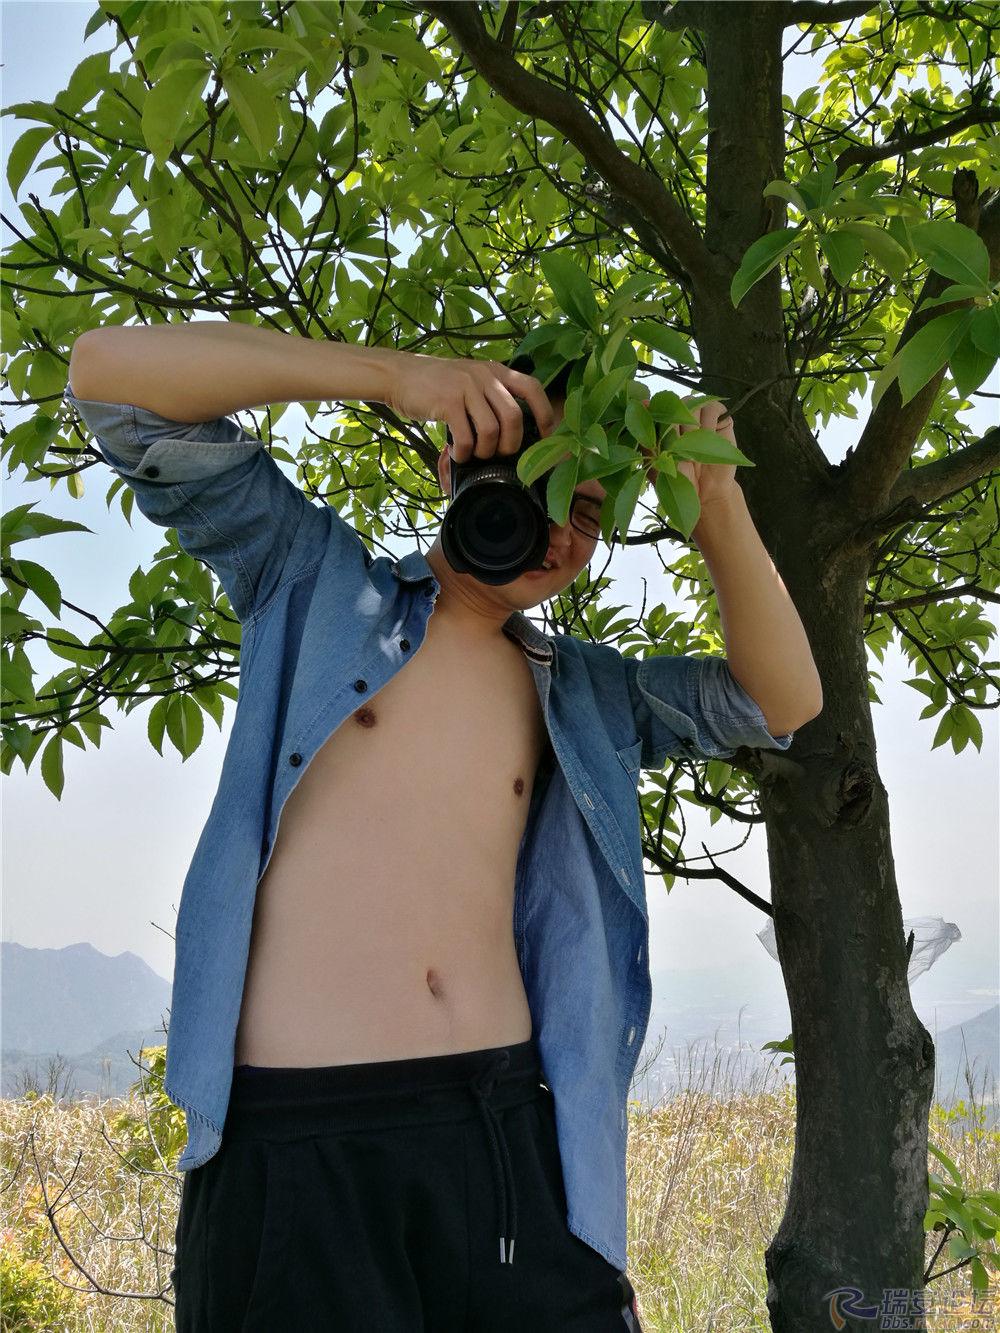 8 树下拍照.jpg